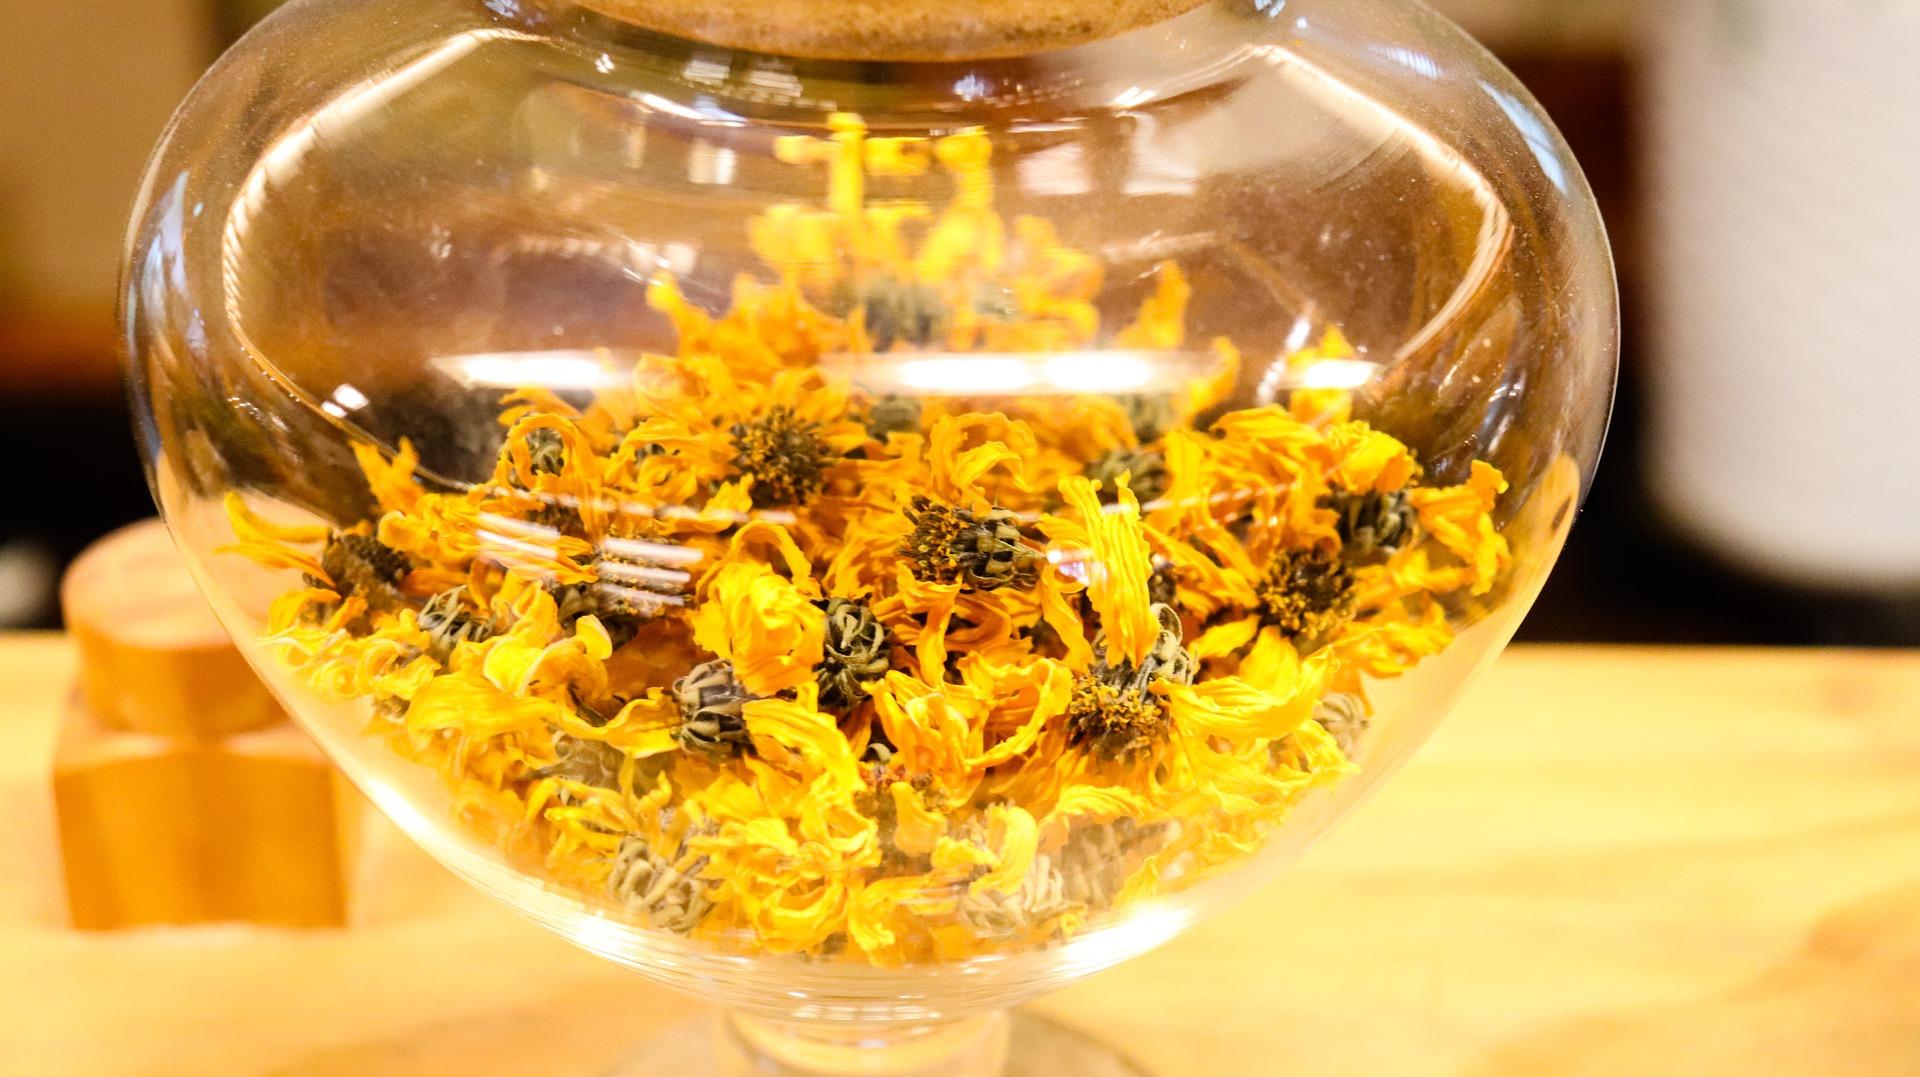 菊の花を使ってエネルギーを浄化する